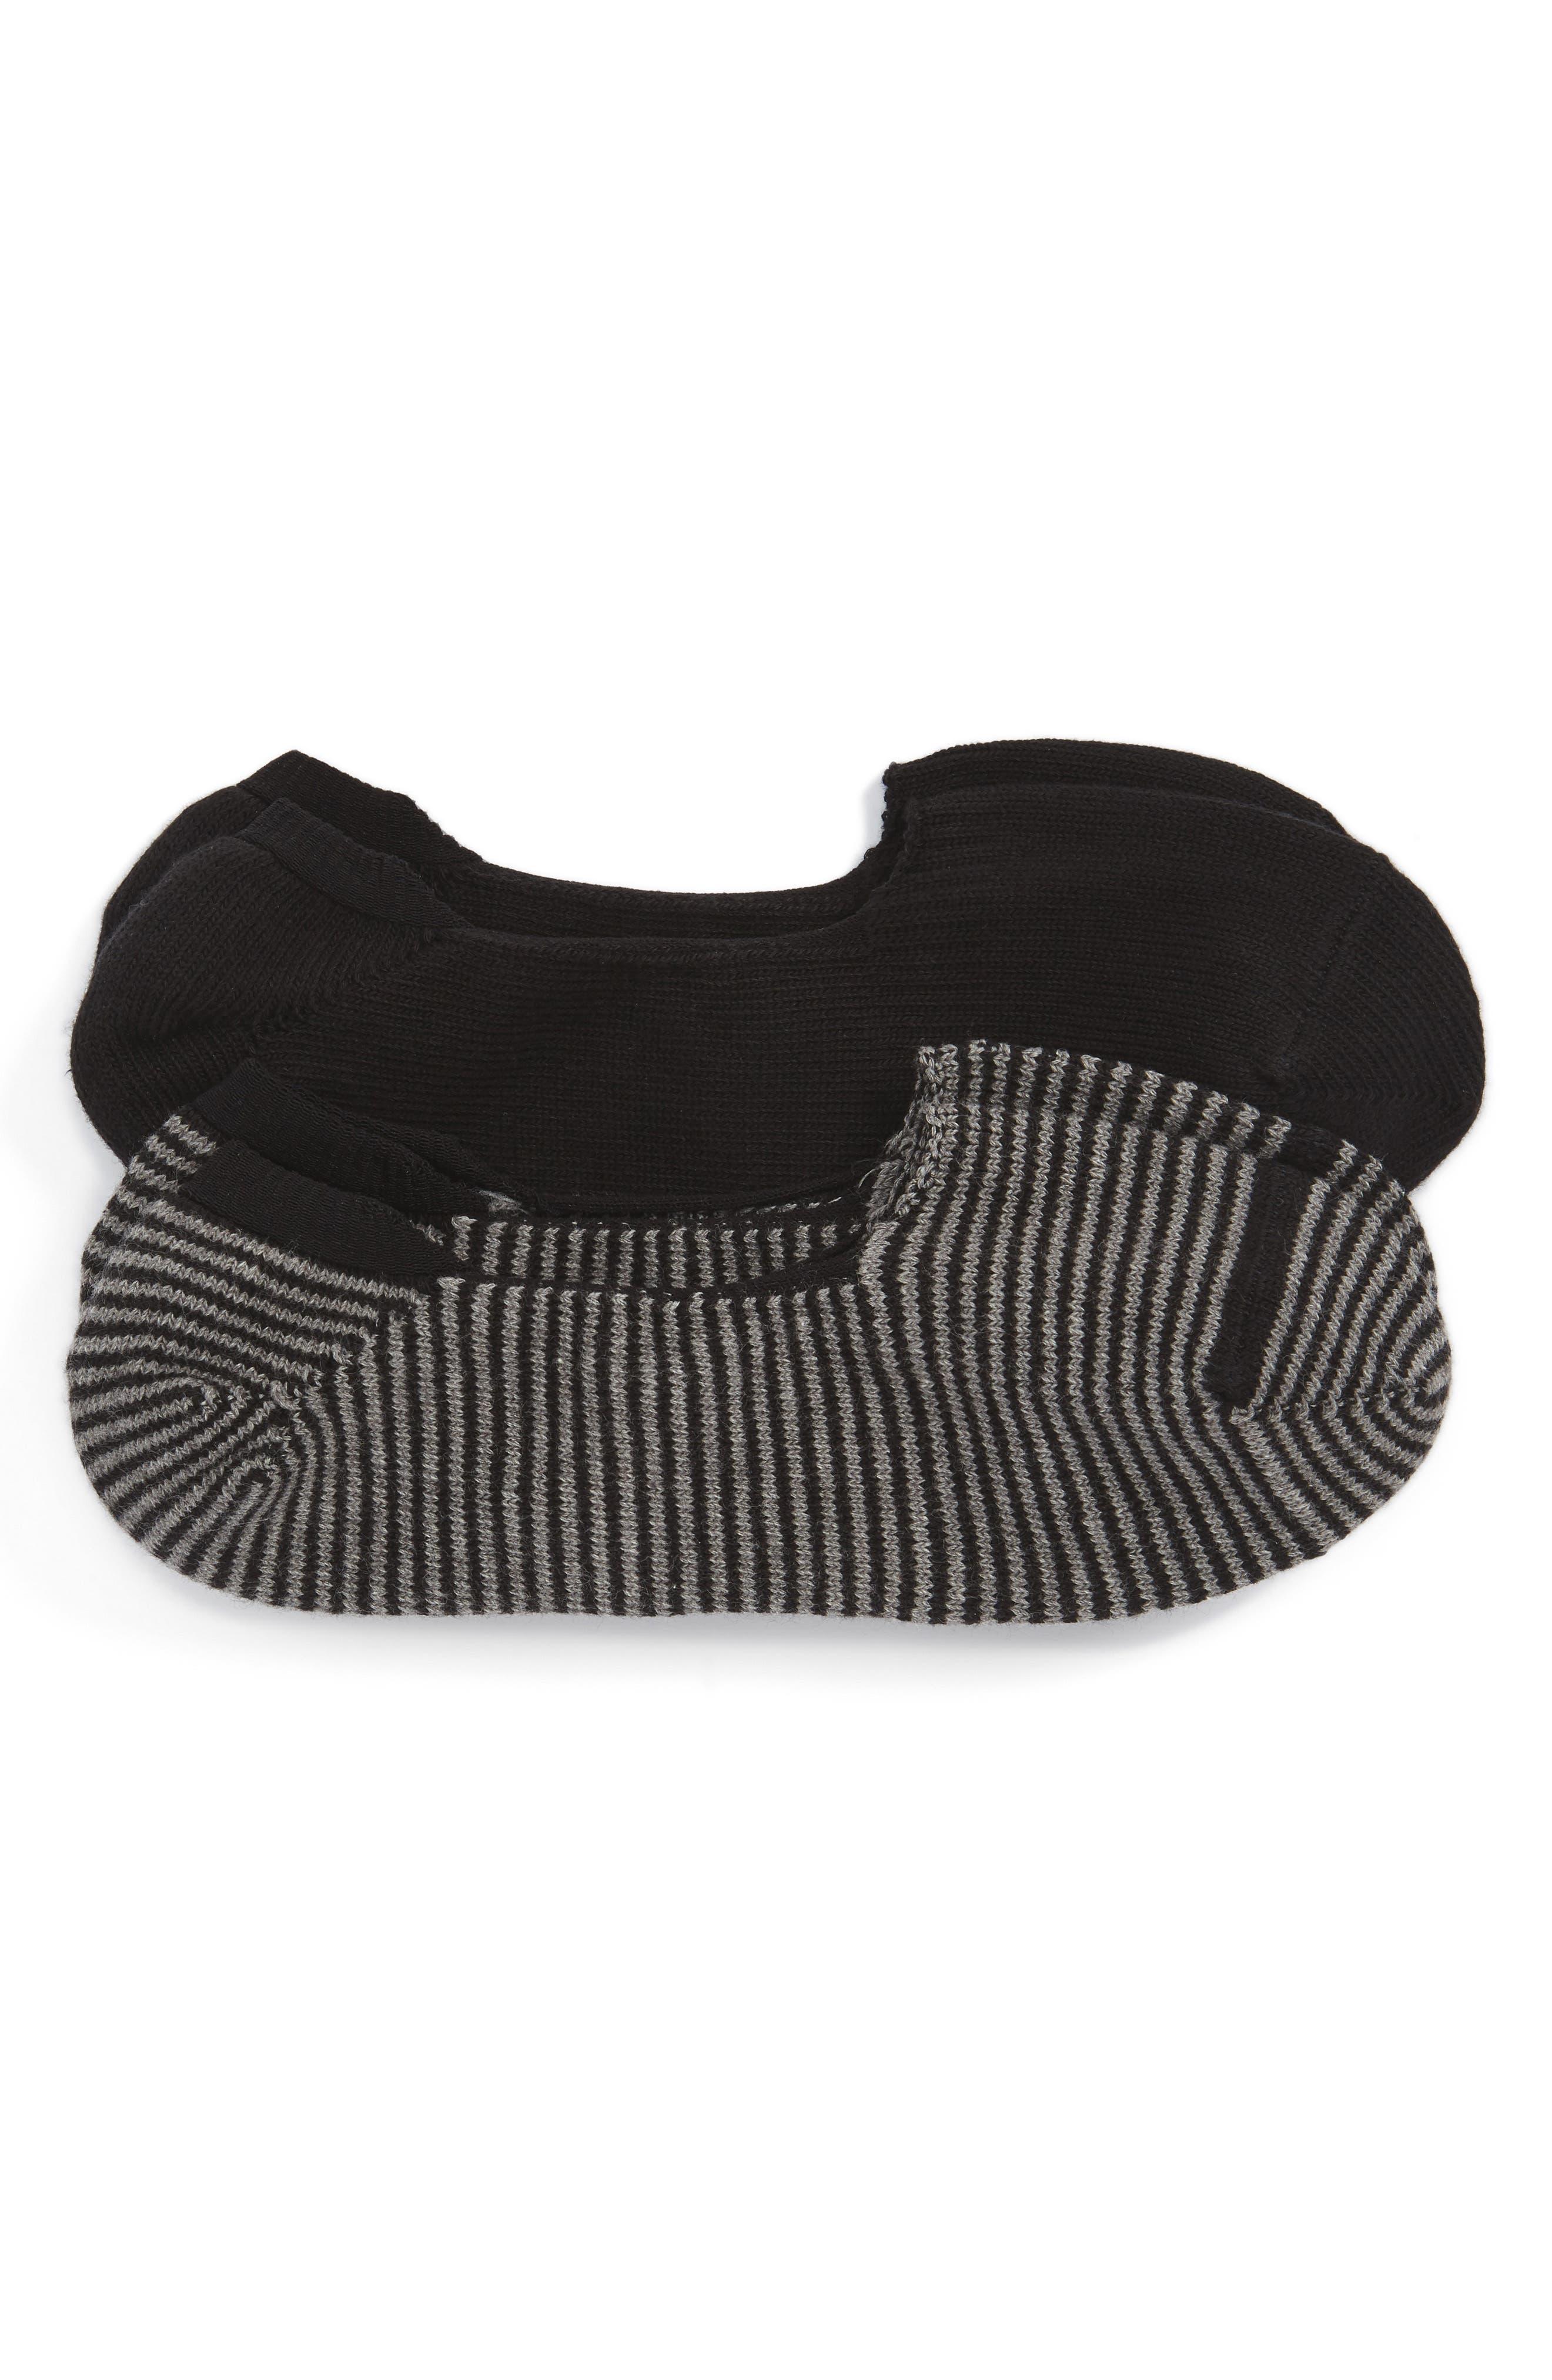 2-Pack Loafer Liner Socks,                         Main,                         color, Black/ Black- Grey